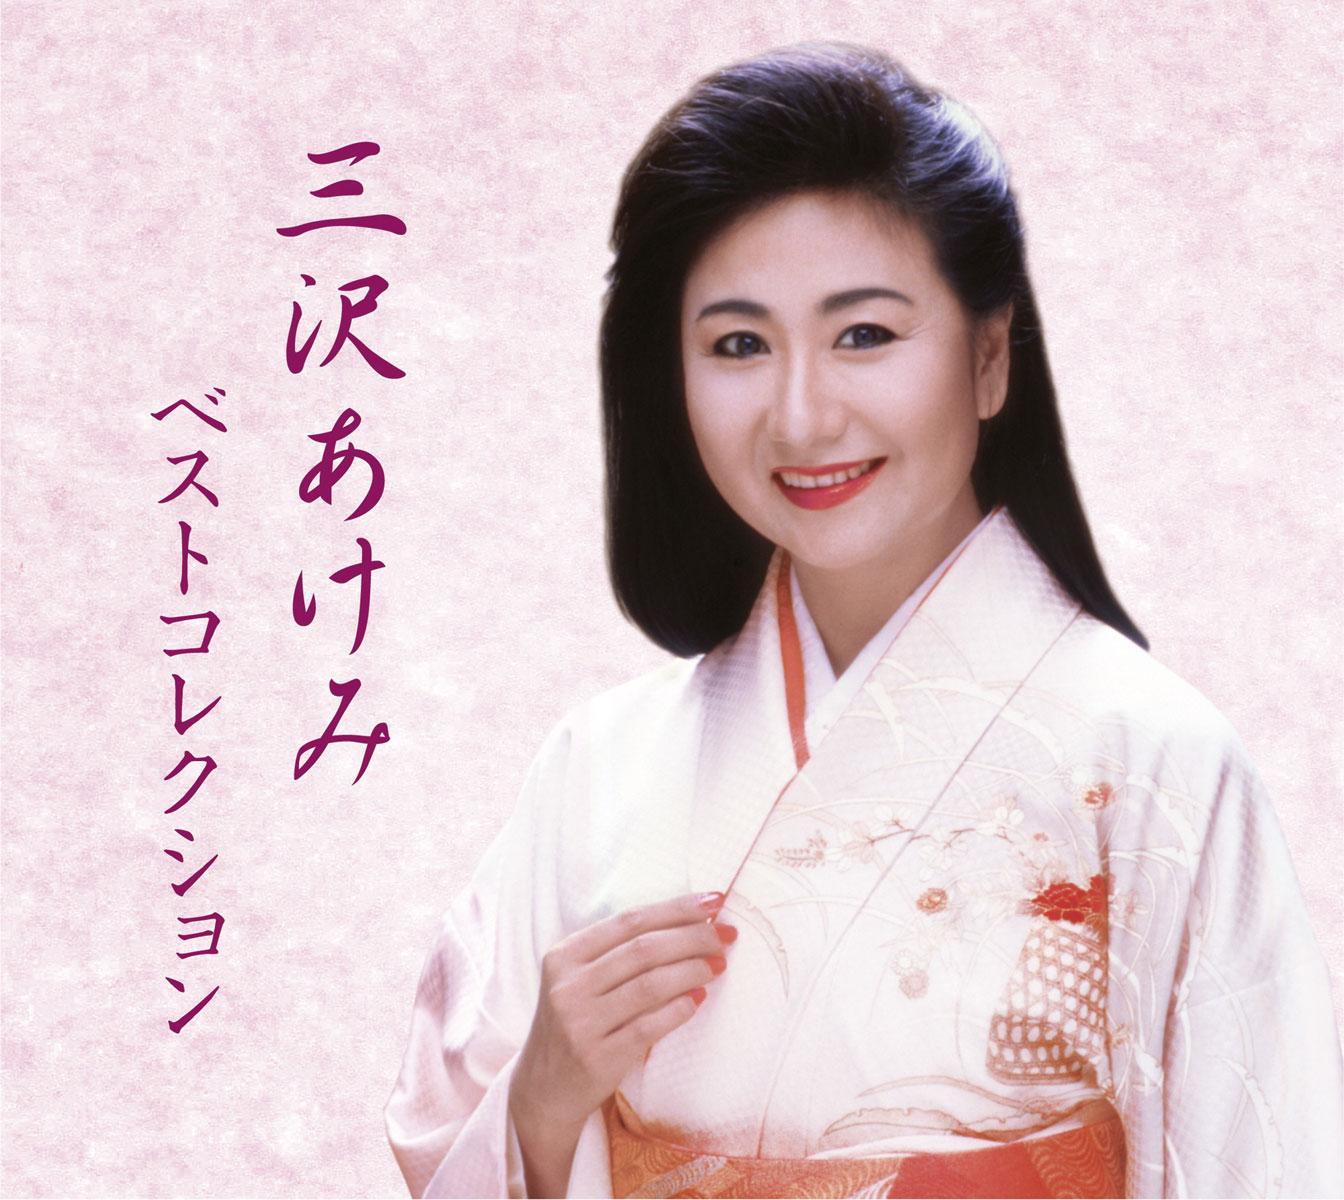 三沢あけみの音楽人生の集大成ともいえる4枚組CD-BOX 三沢あけみ WEB限定 ランキングTOP5 ベストコレクション